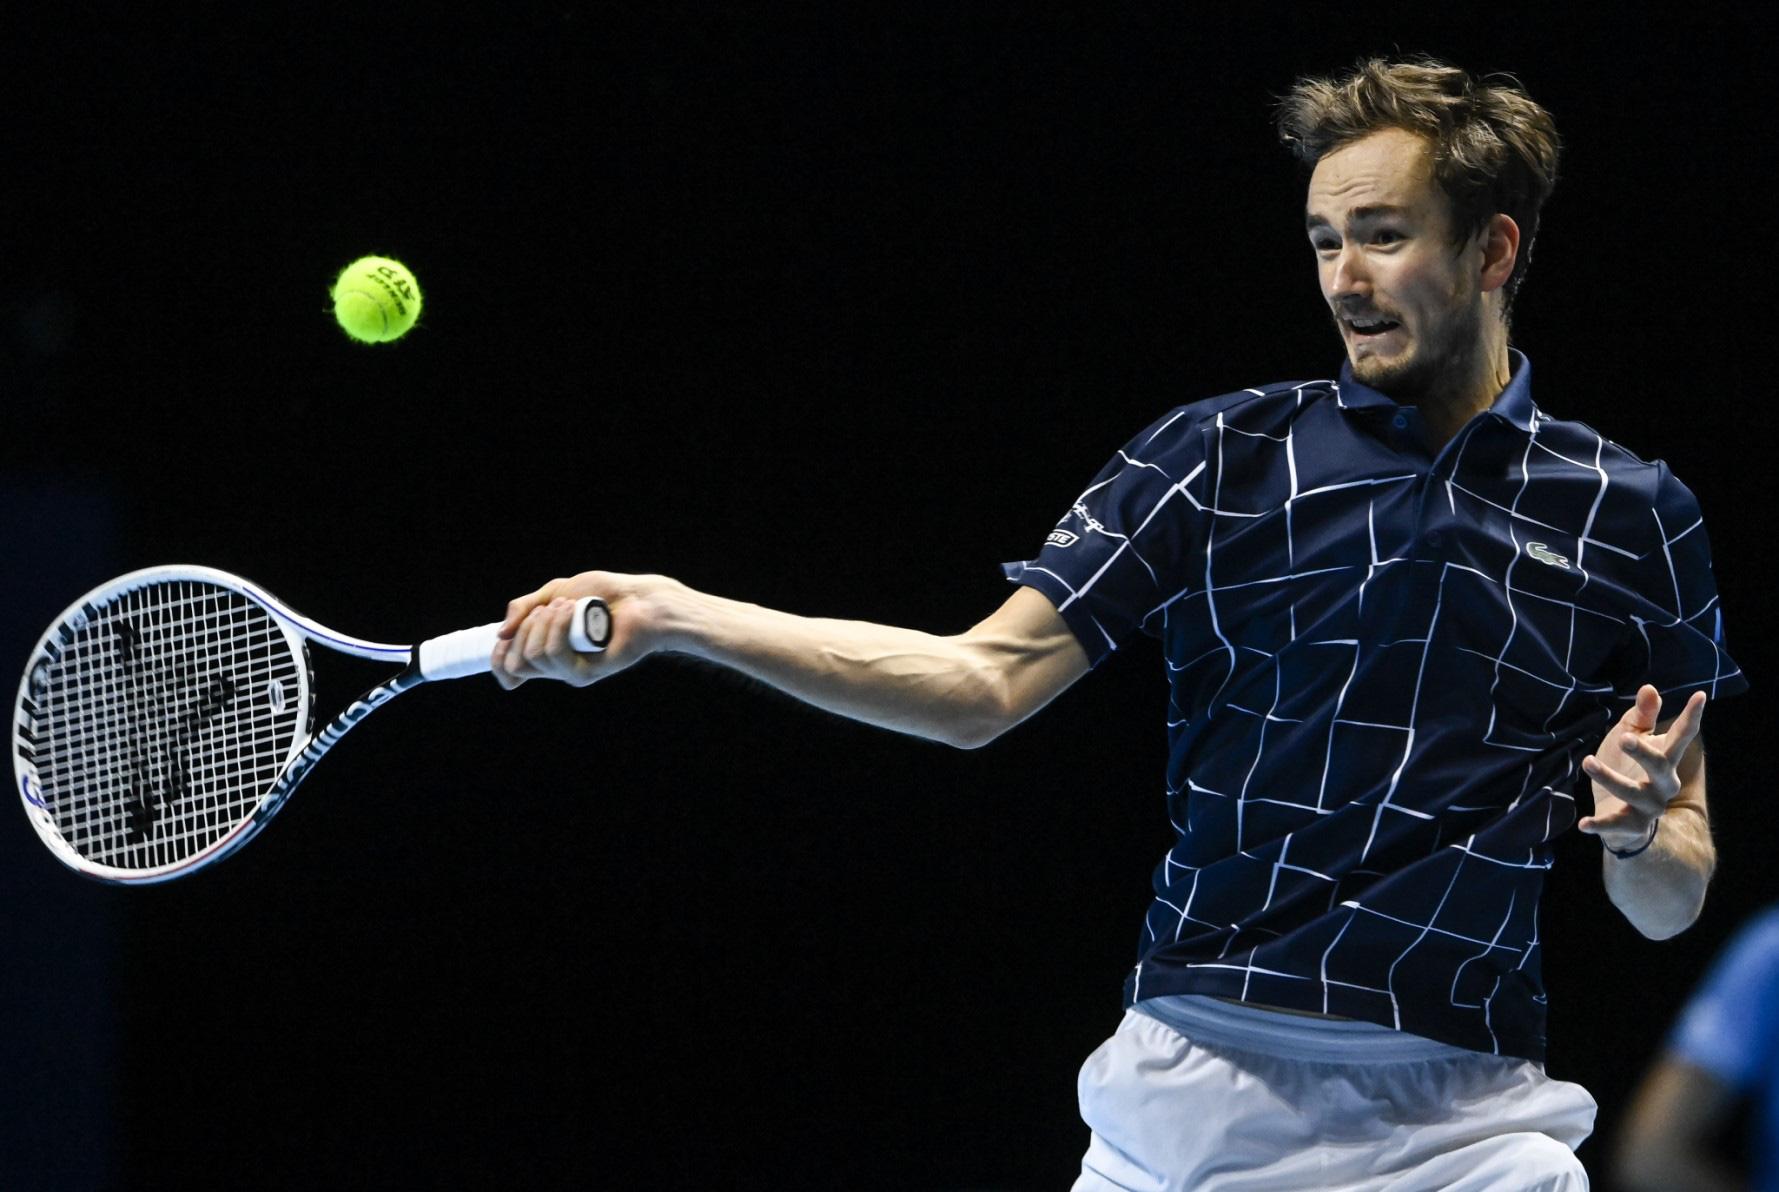 Thua ngược cay đắng, Nadal và Djokovic dắt tay rời ATP Finals - Ảnh 4.